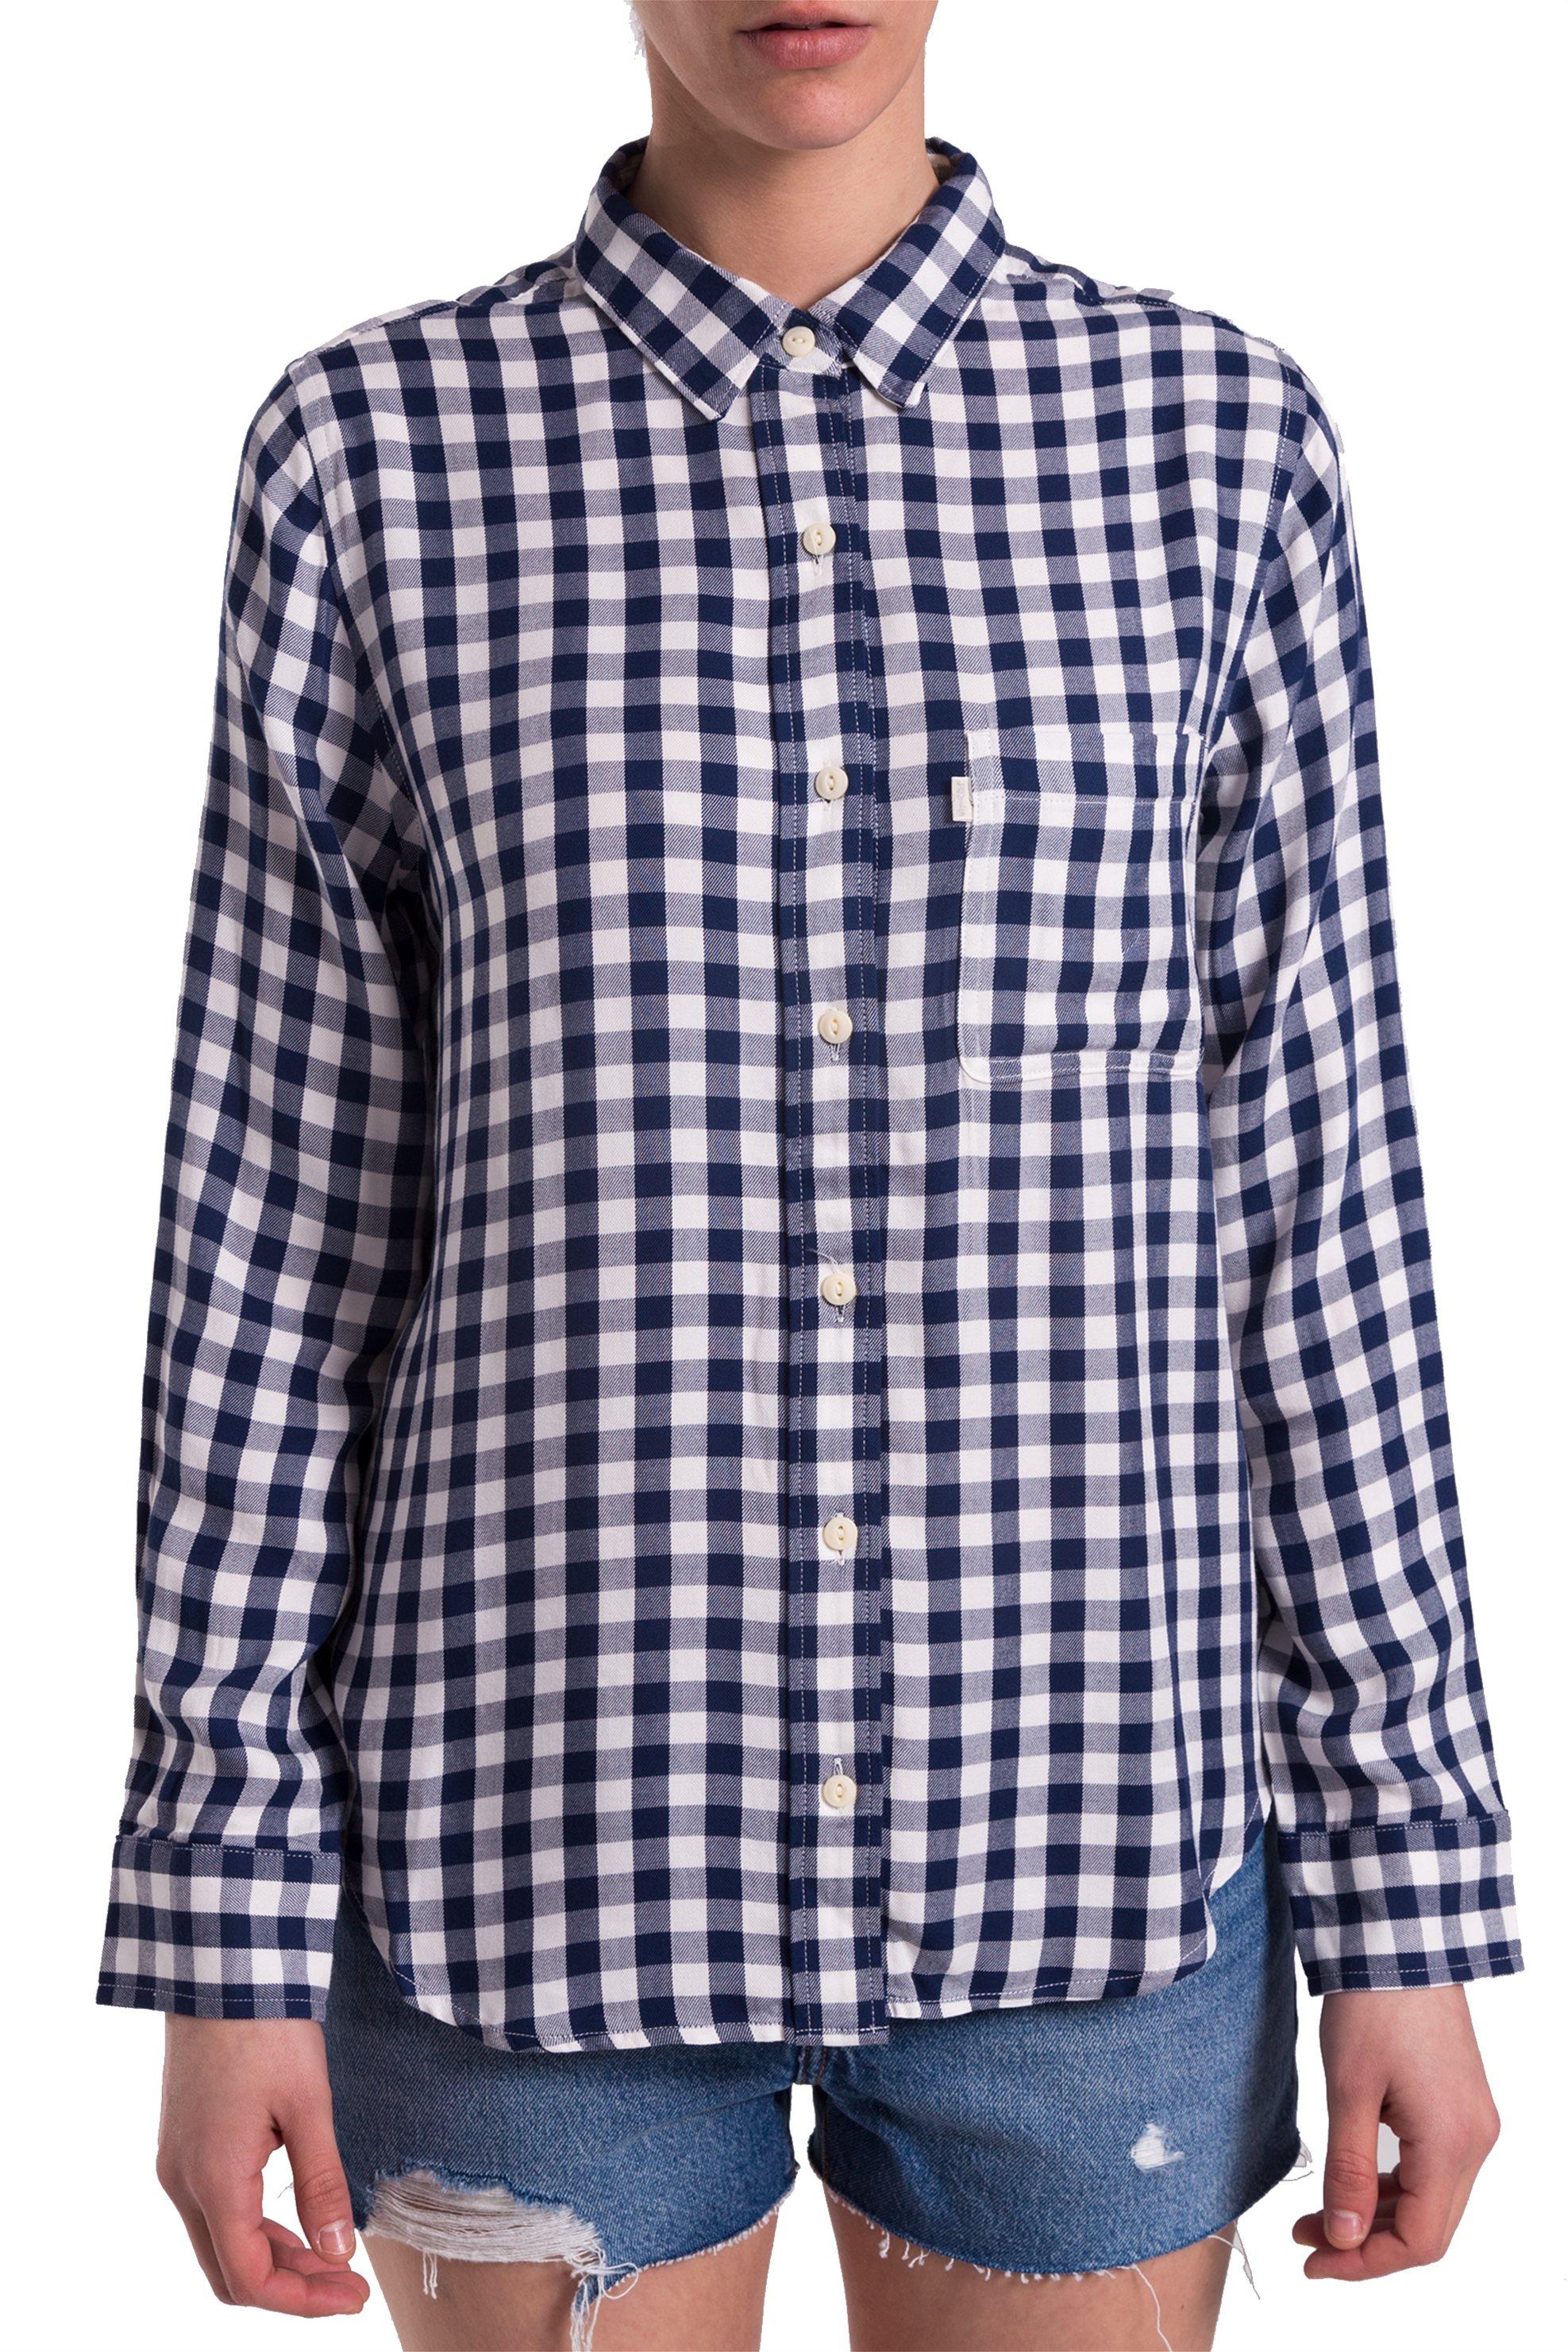 Γυναικείο καρό πουκάμισο Levi s - 4779400-09 - Μπλε Σκούρο 03d9d1f7d92